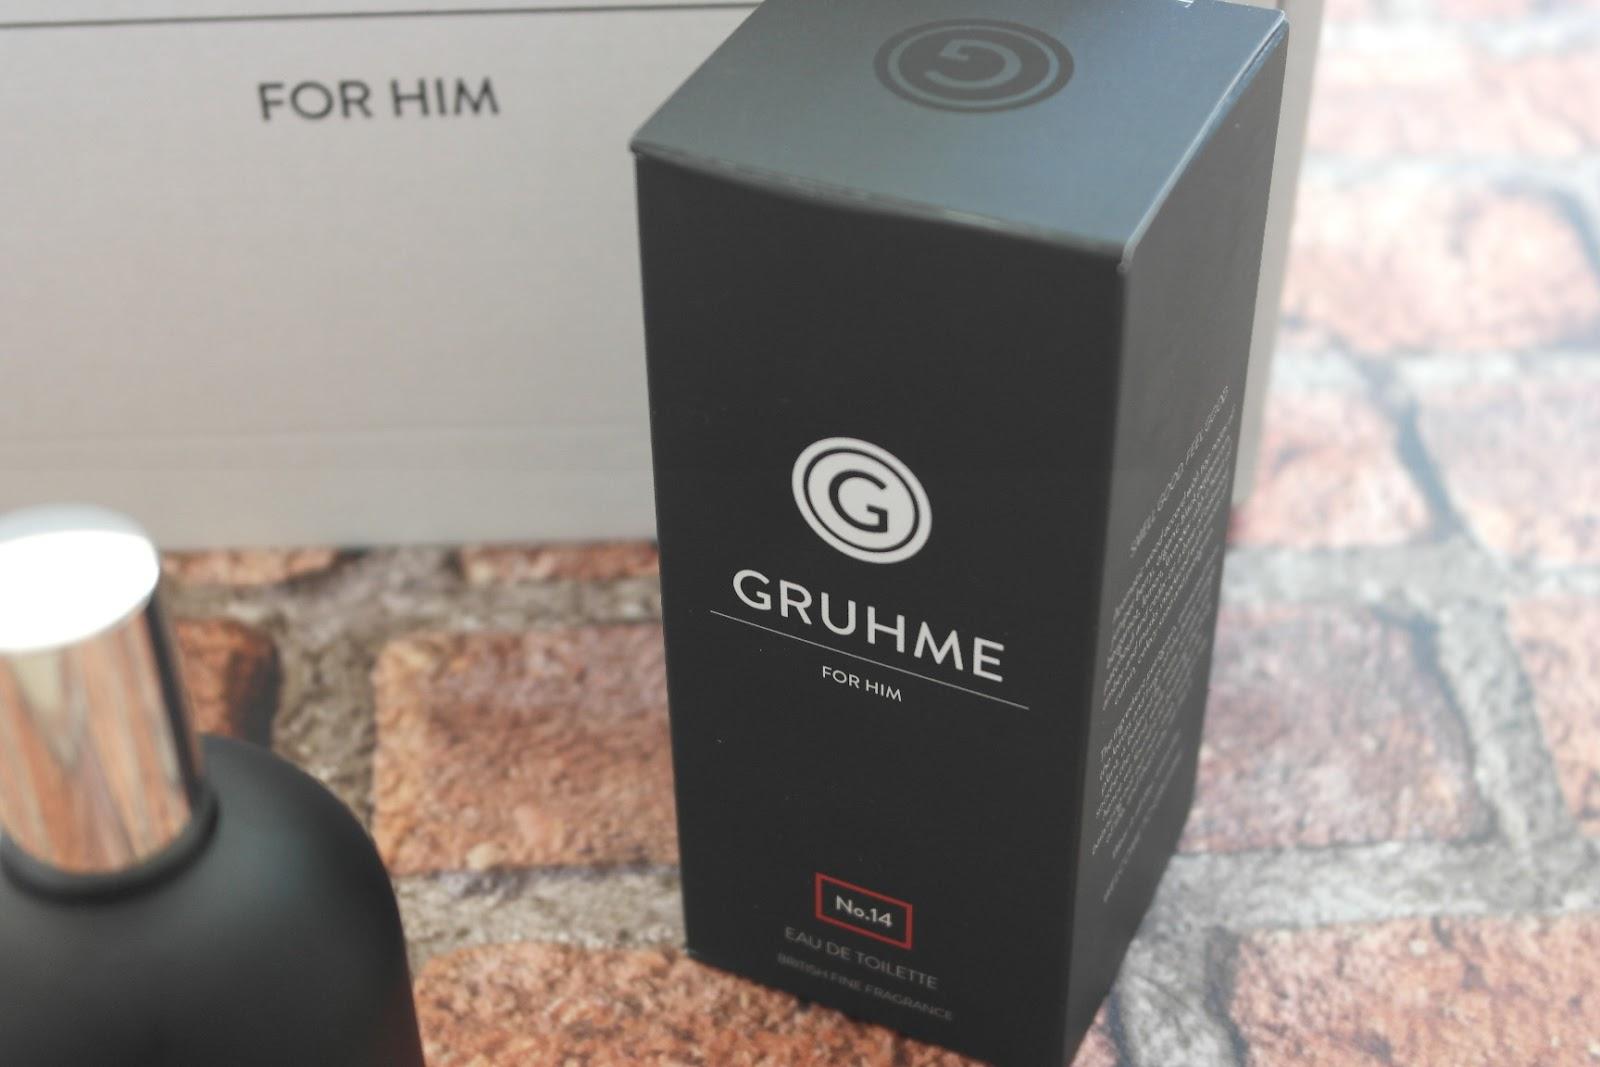 Gruhme no. 14 Fragrance Review